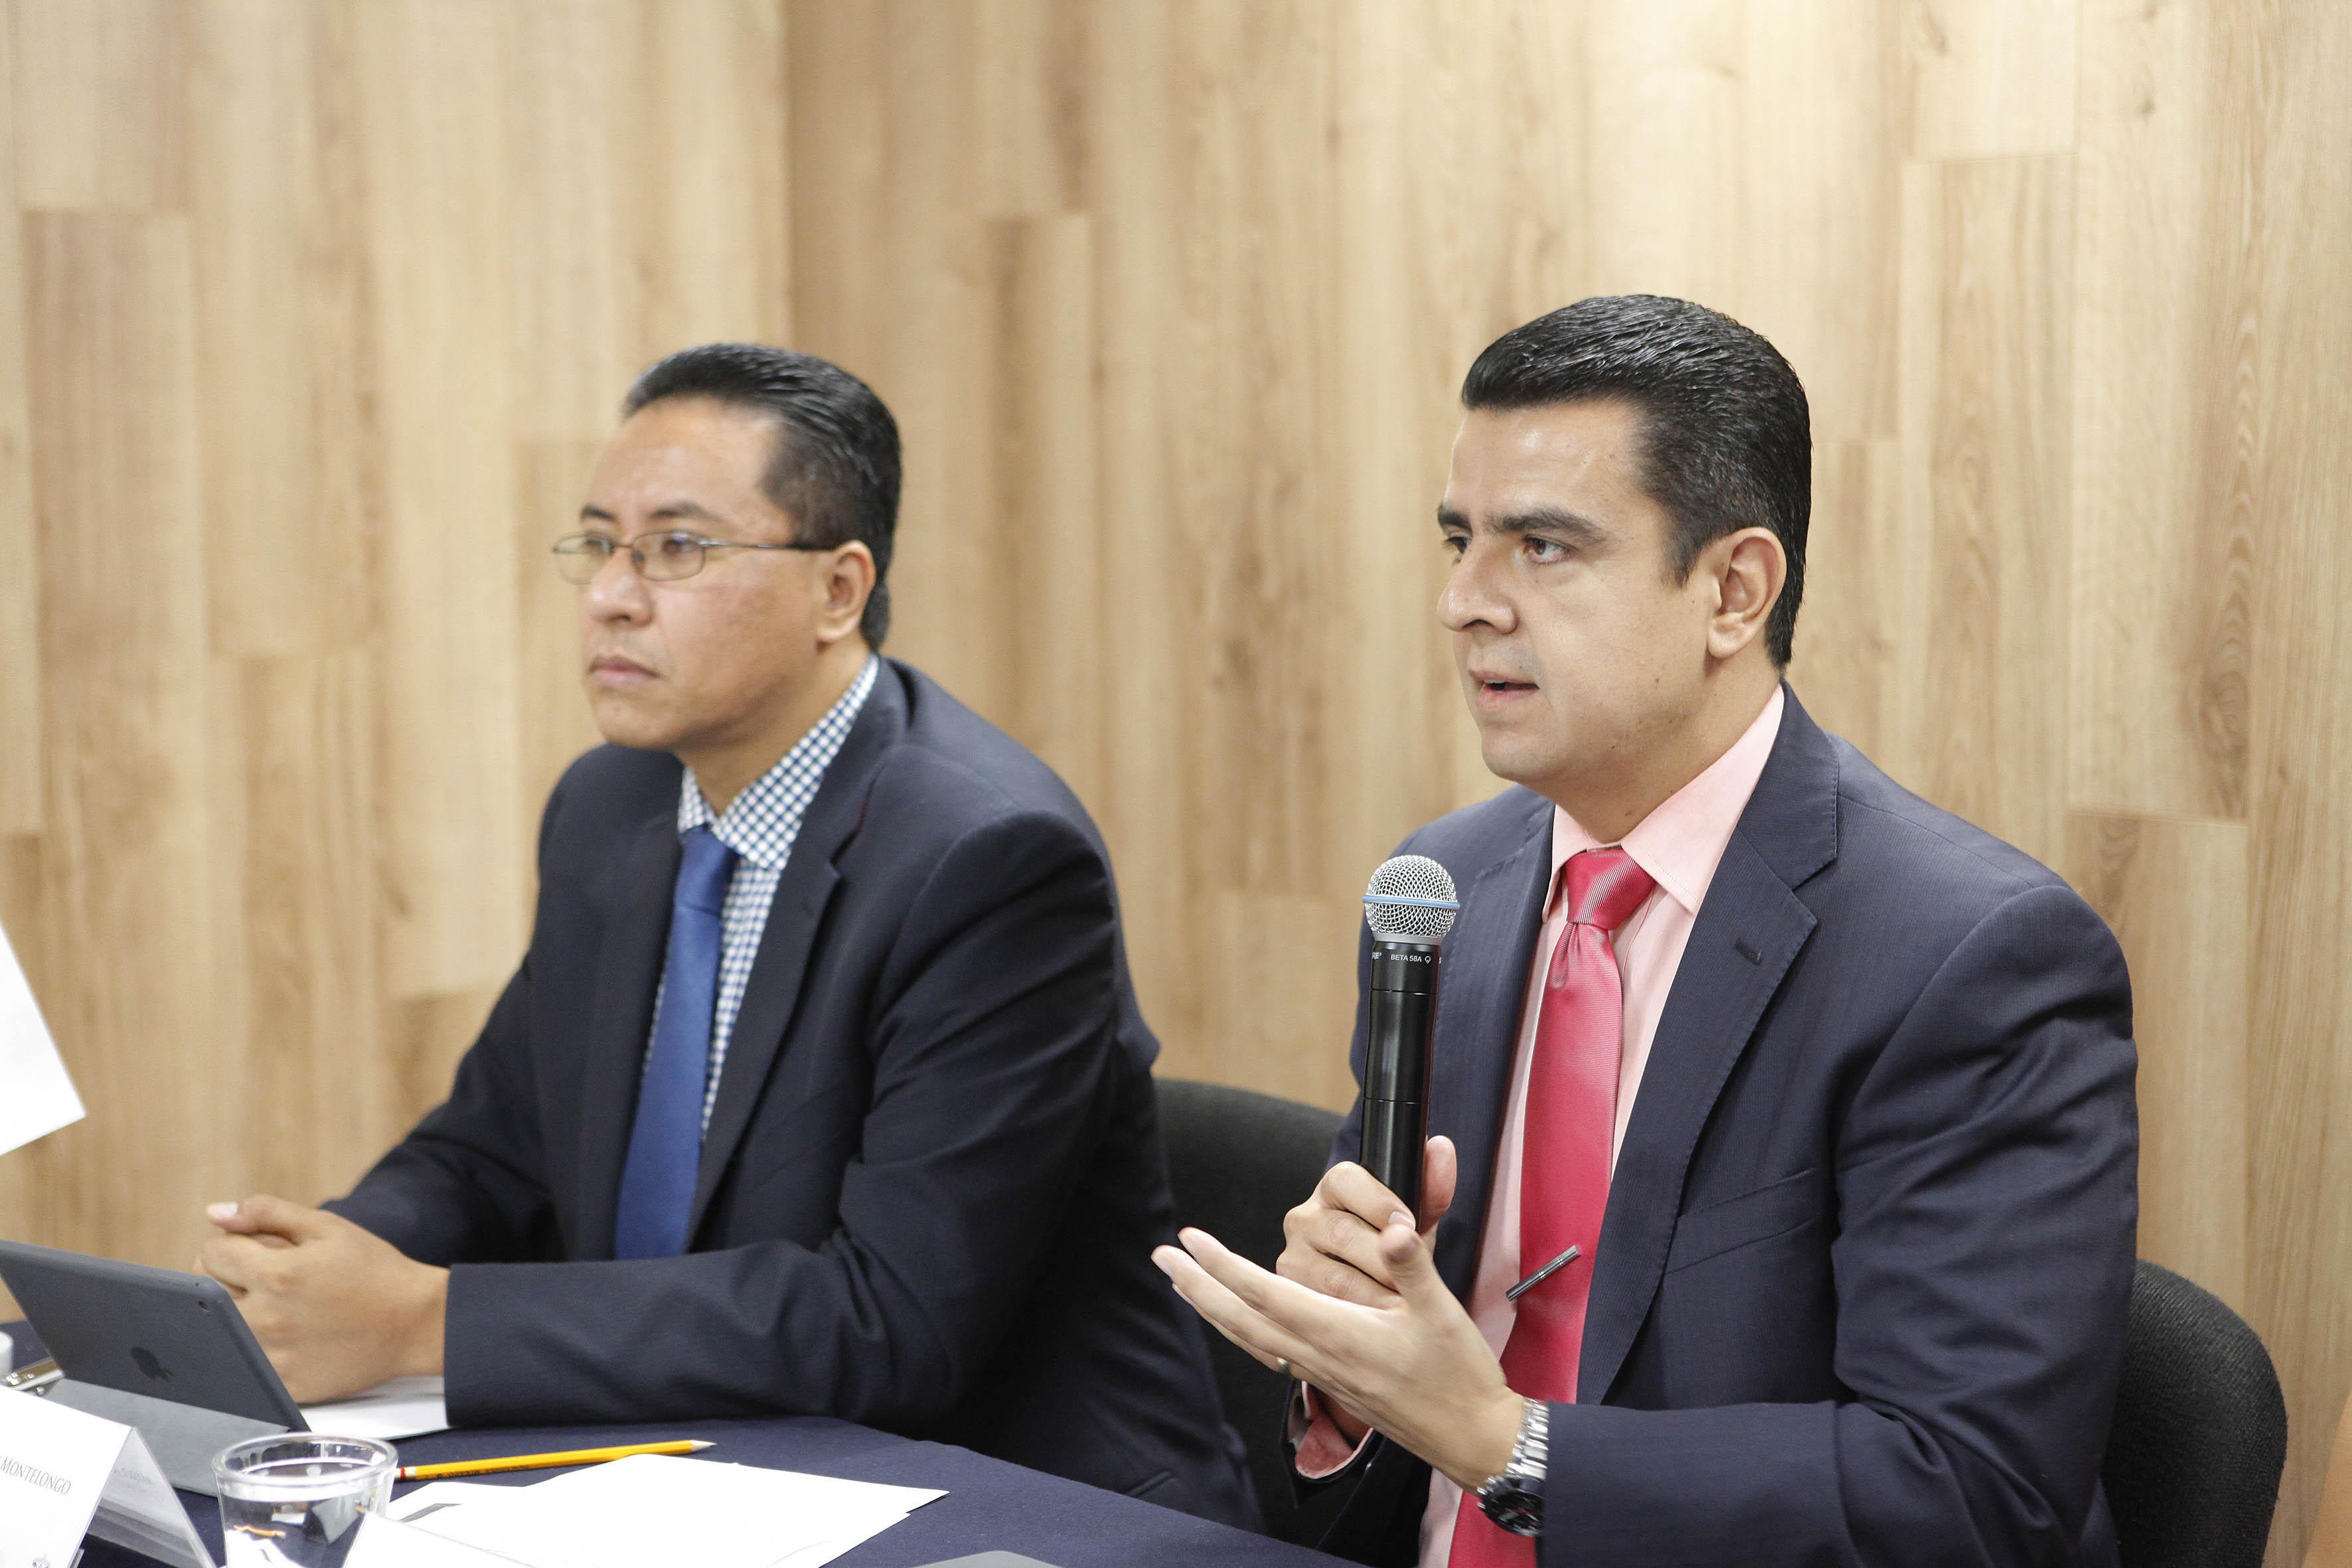 Dr. Luis Alberto Gutiérrez Díaz de León, coordinador general de Tecnologías de Información (CGTI) de la UdeG.